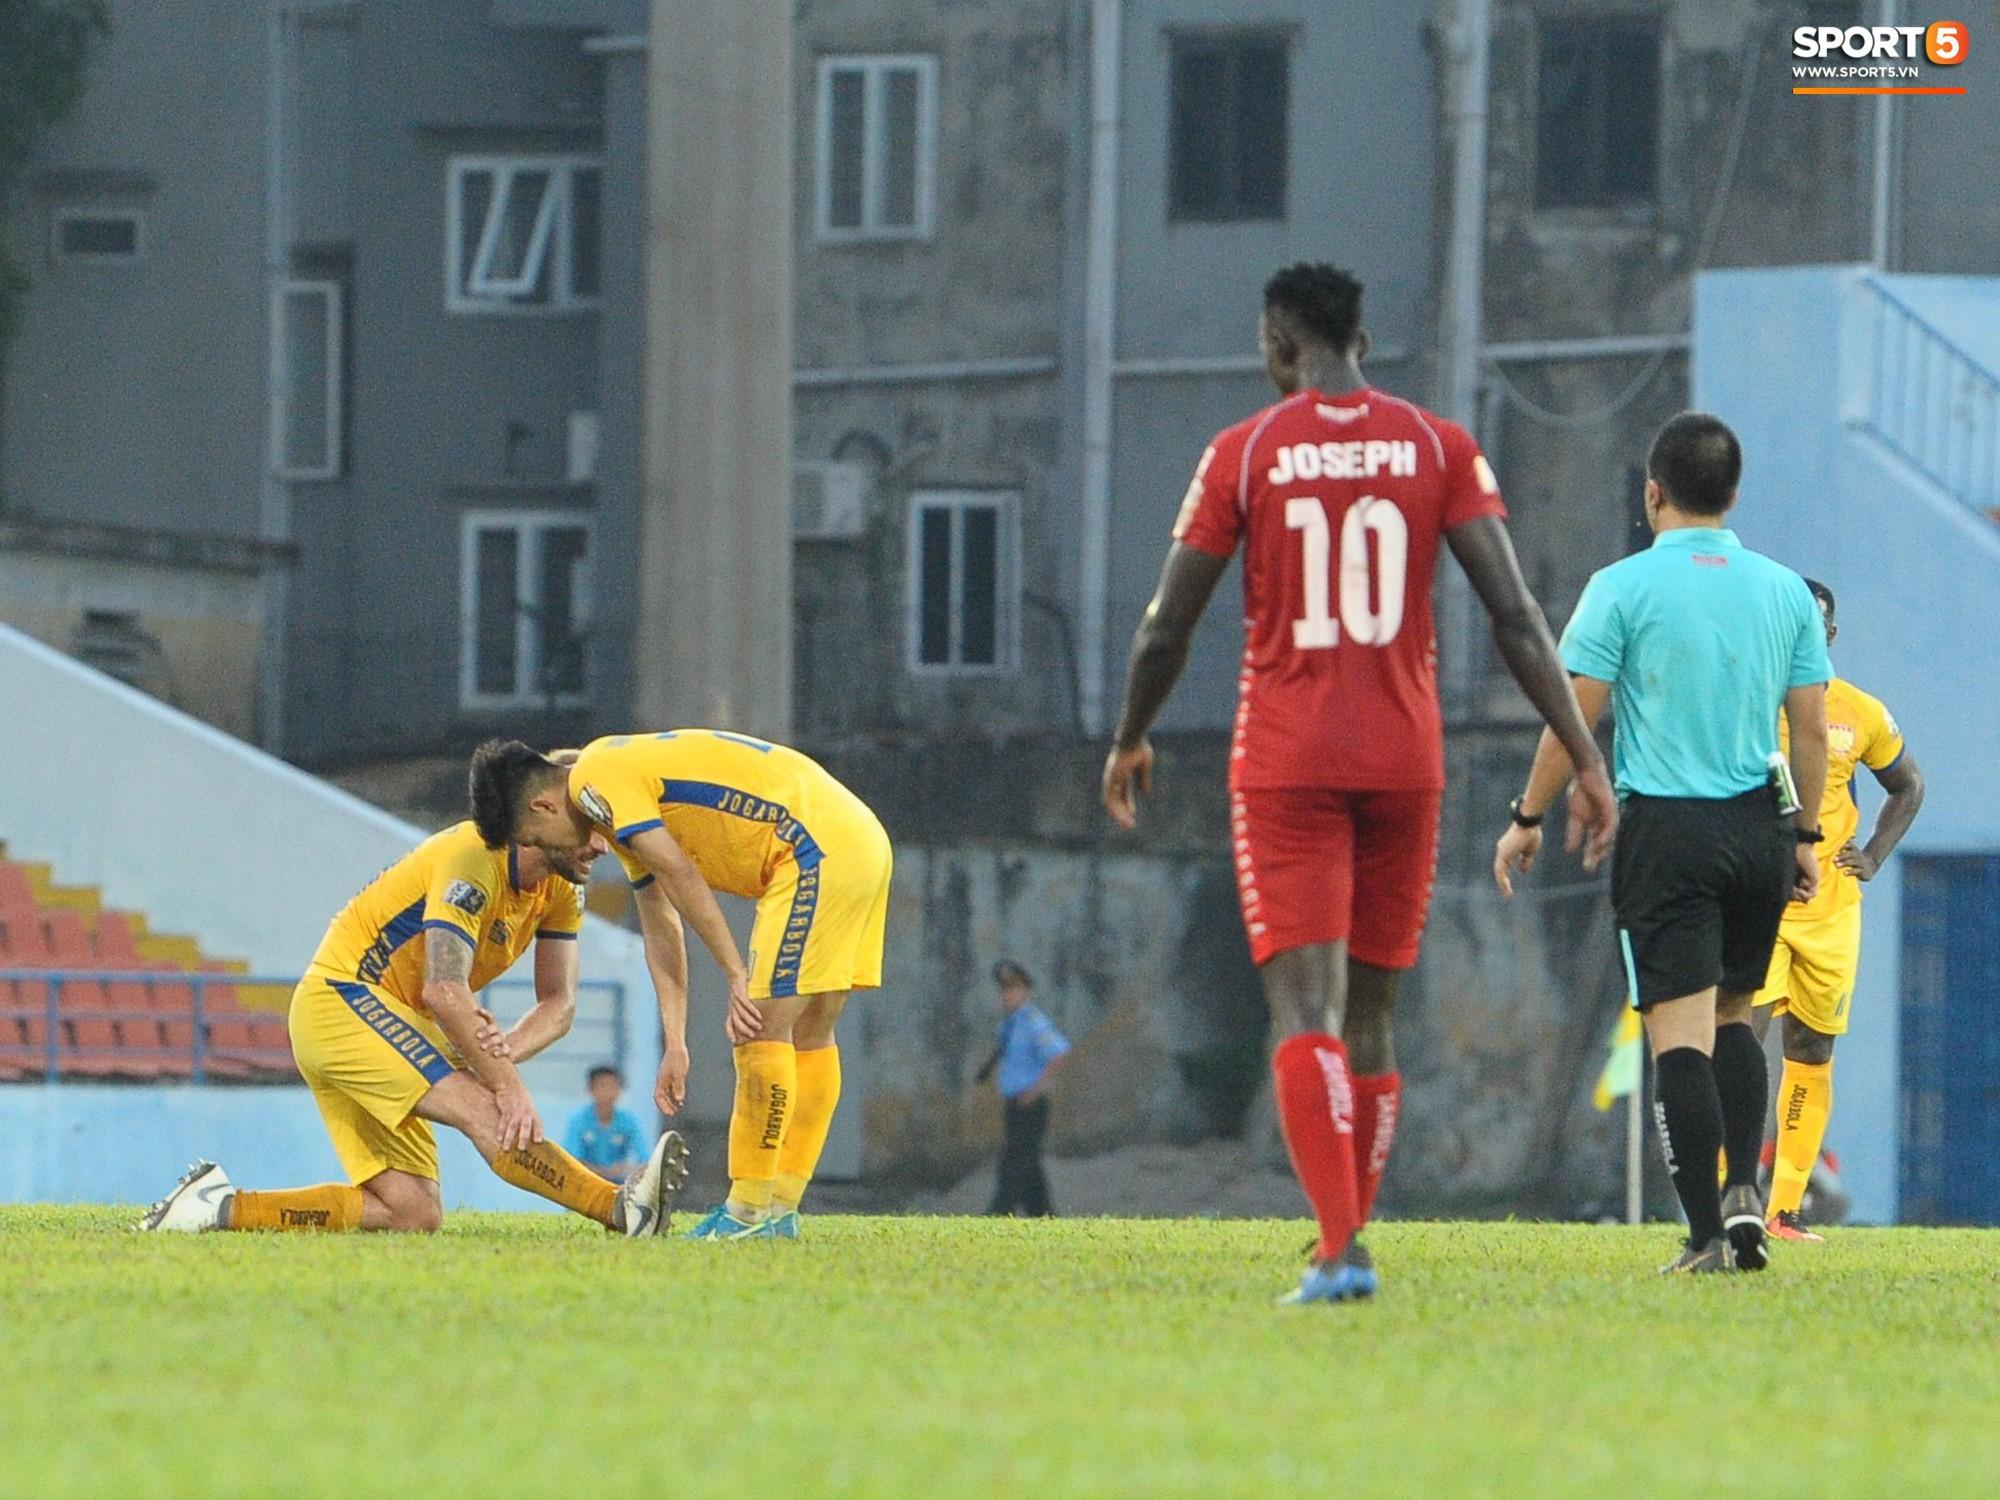 Hành động đẹp của cầu thủ Hải Phòng trong trận cầu nảy lửa với Thanh Hoá - Ảnh 4.